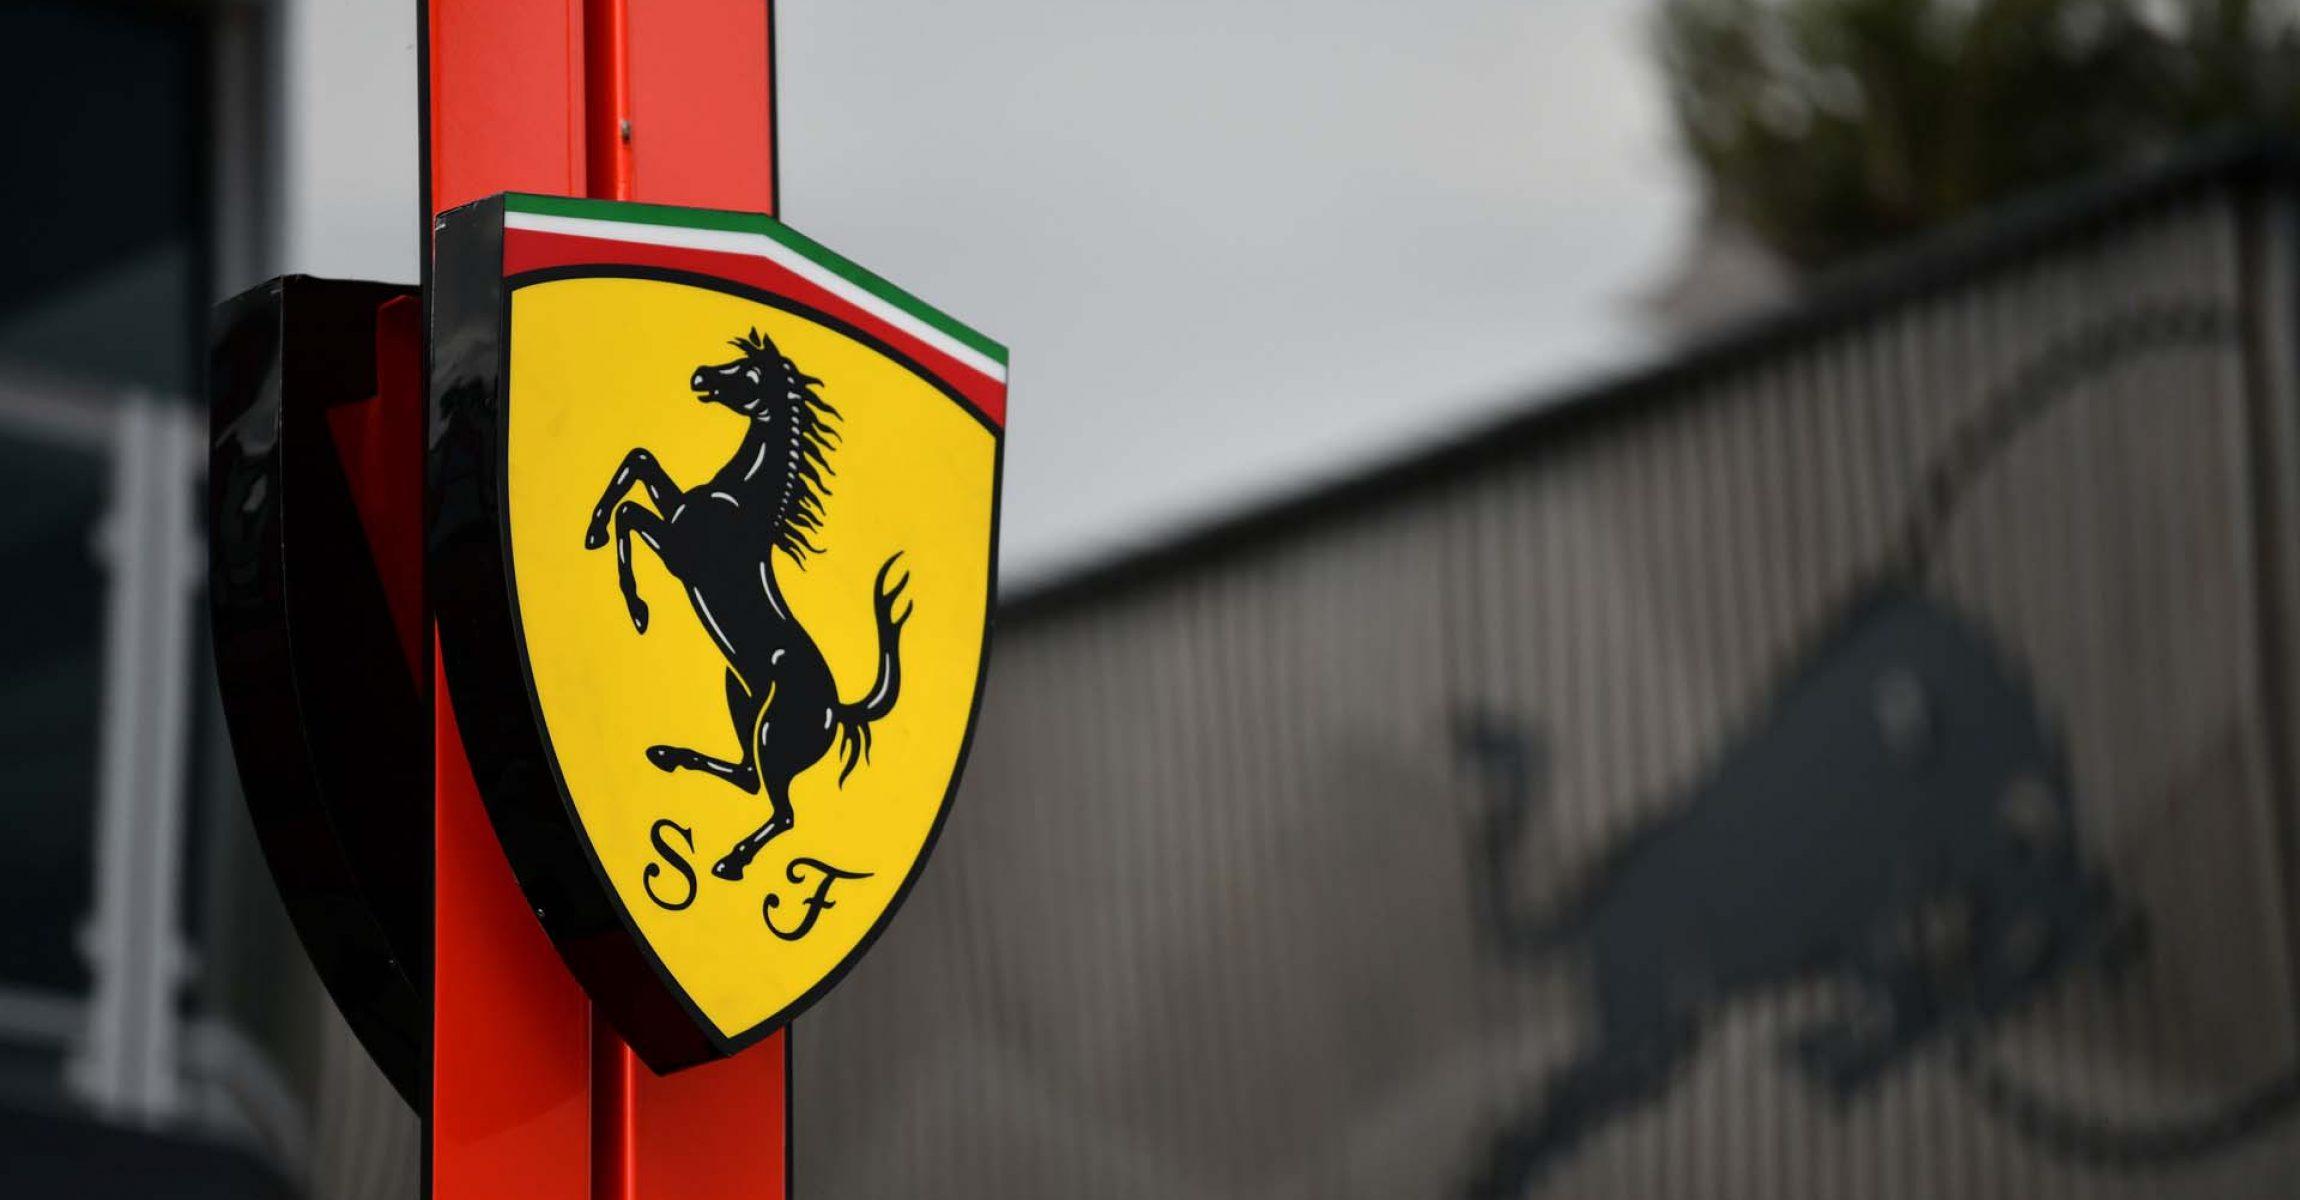 Ferrari logo Red Bull logo